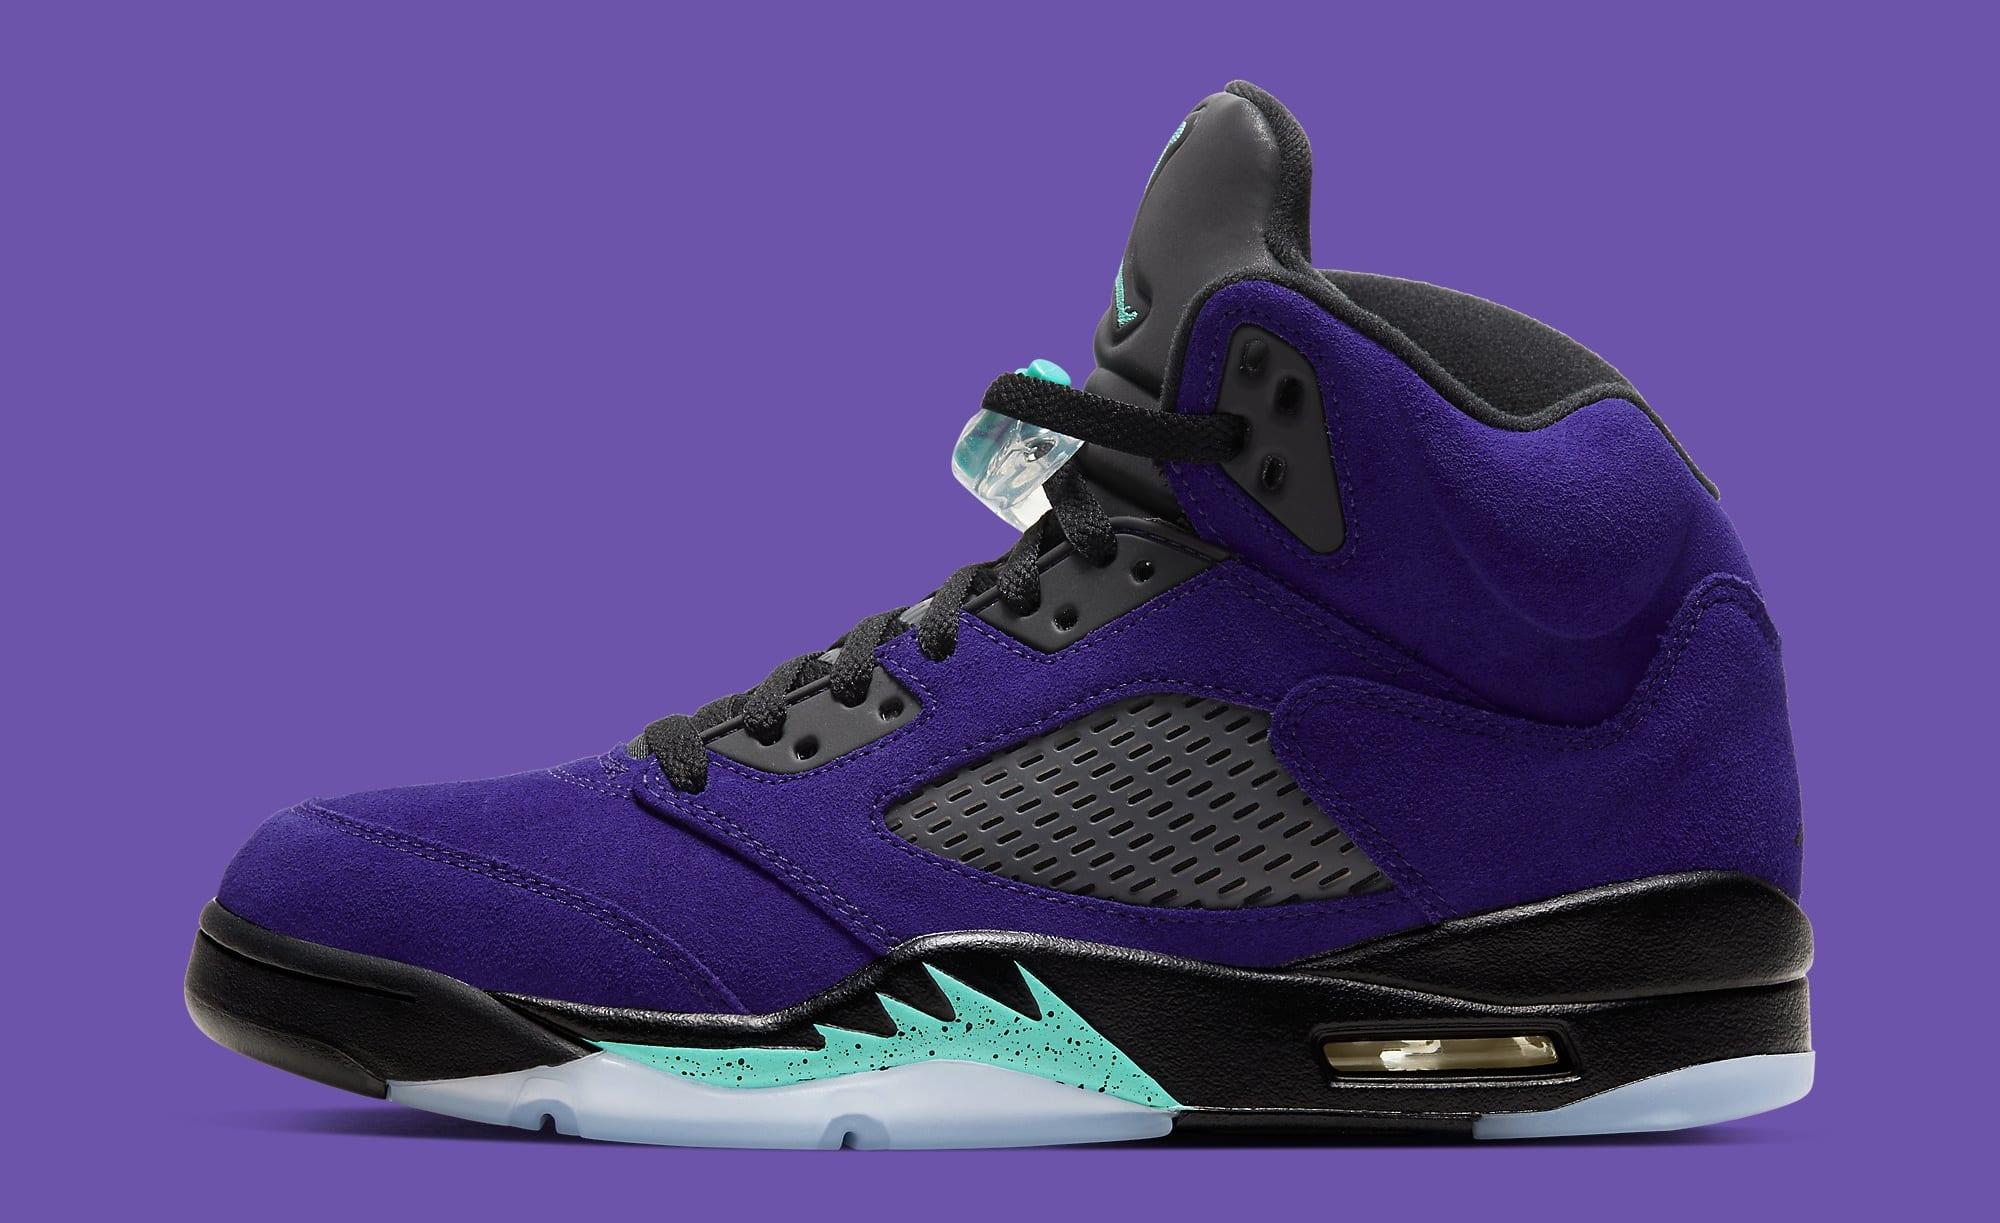 """Air Jordan 5 """"Alternate Grape"""" Released today"""